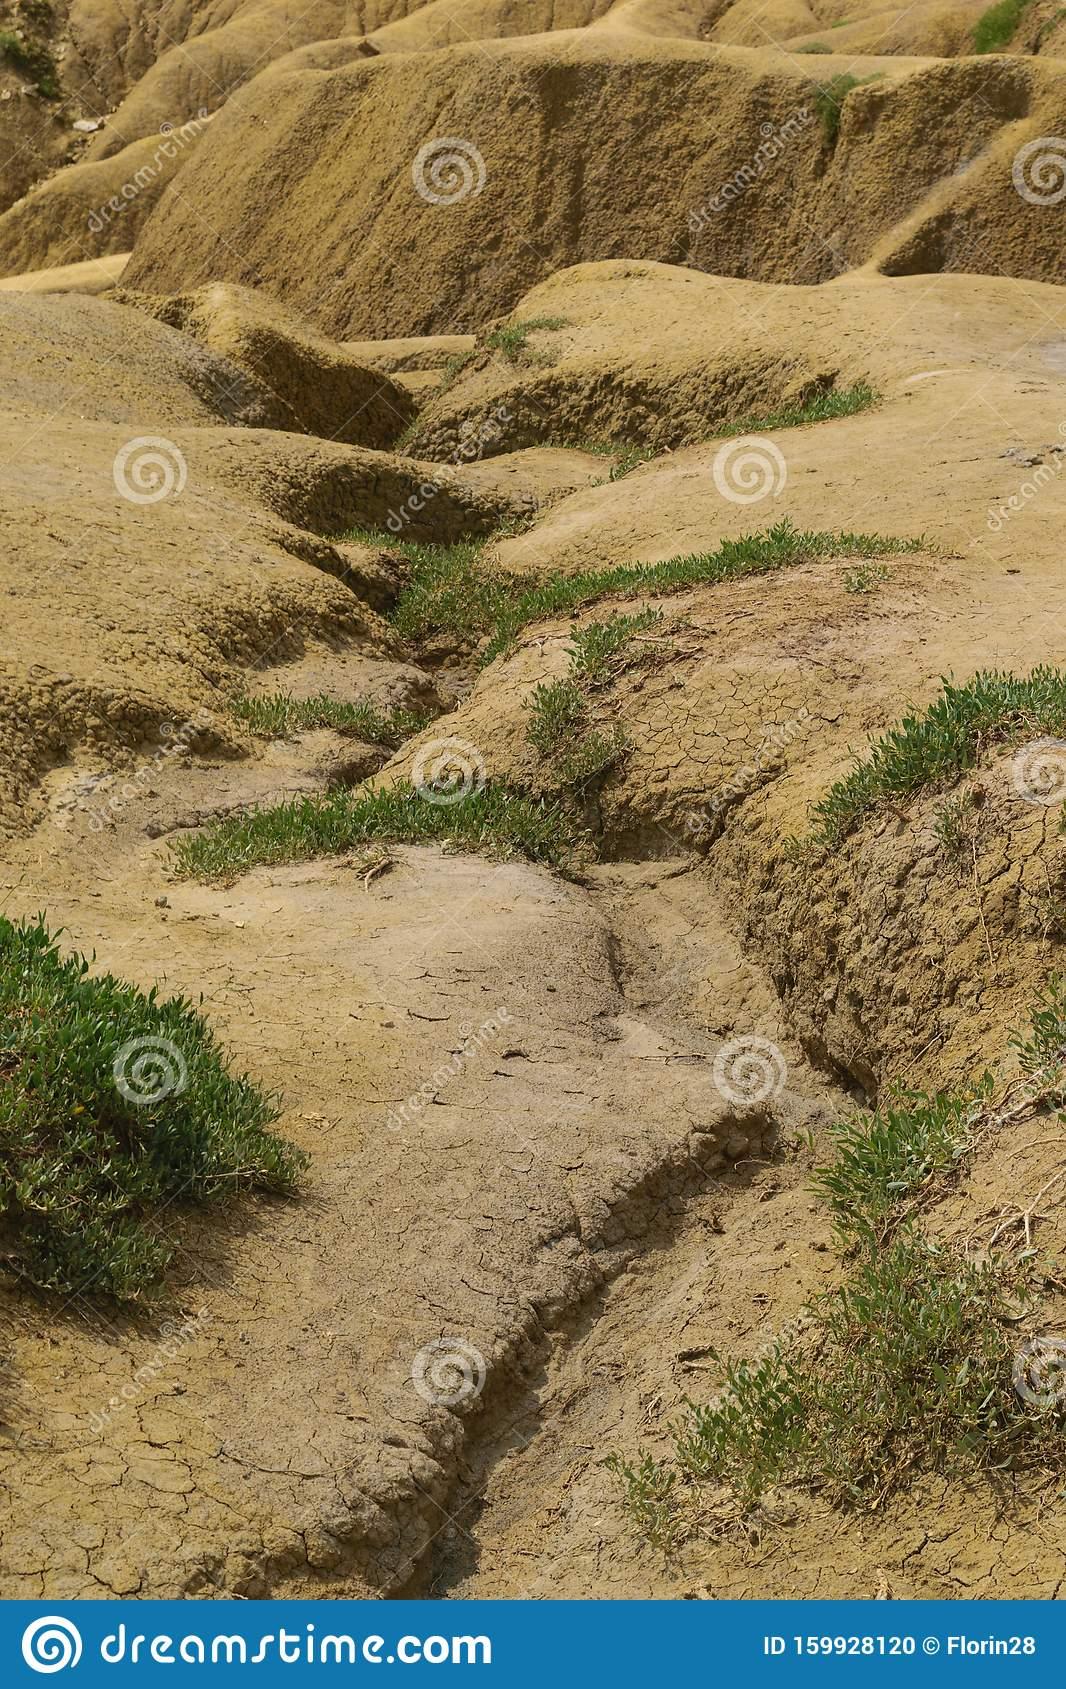 Опустынивание: что это такое, причины и последствия